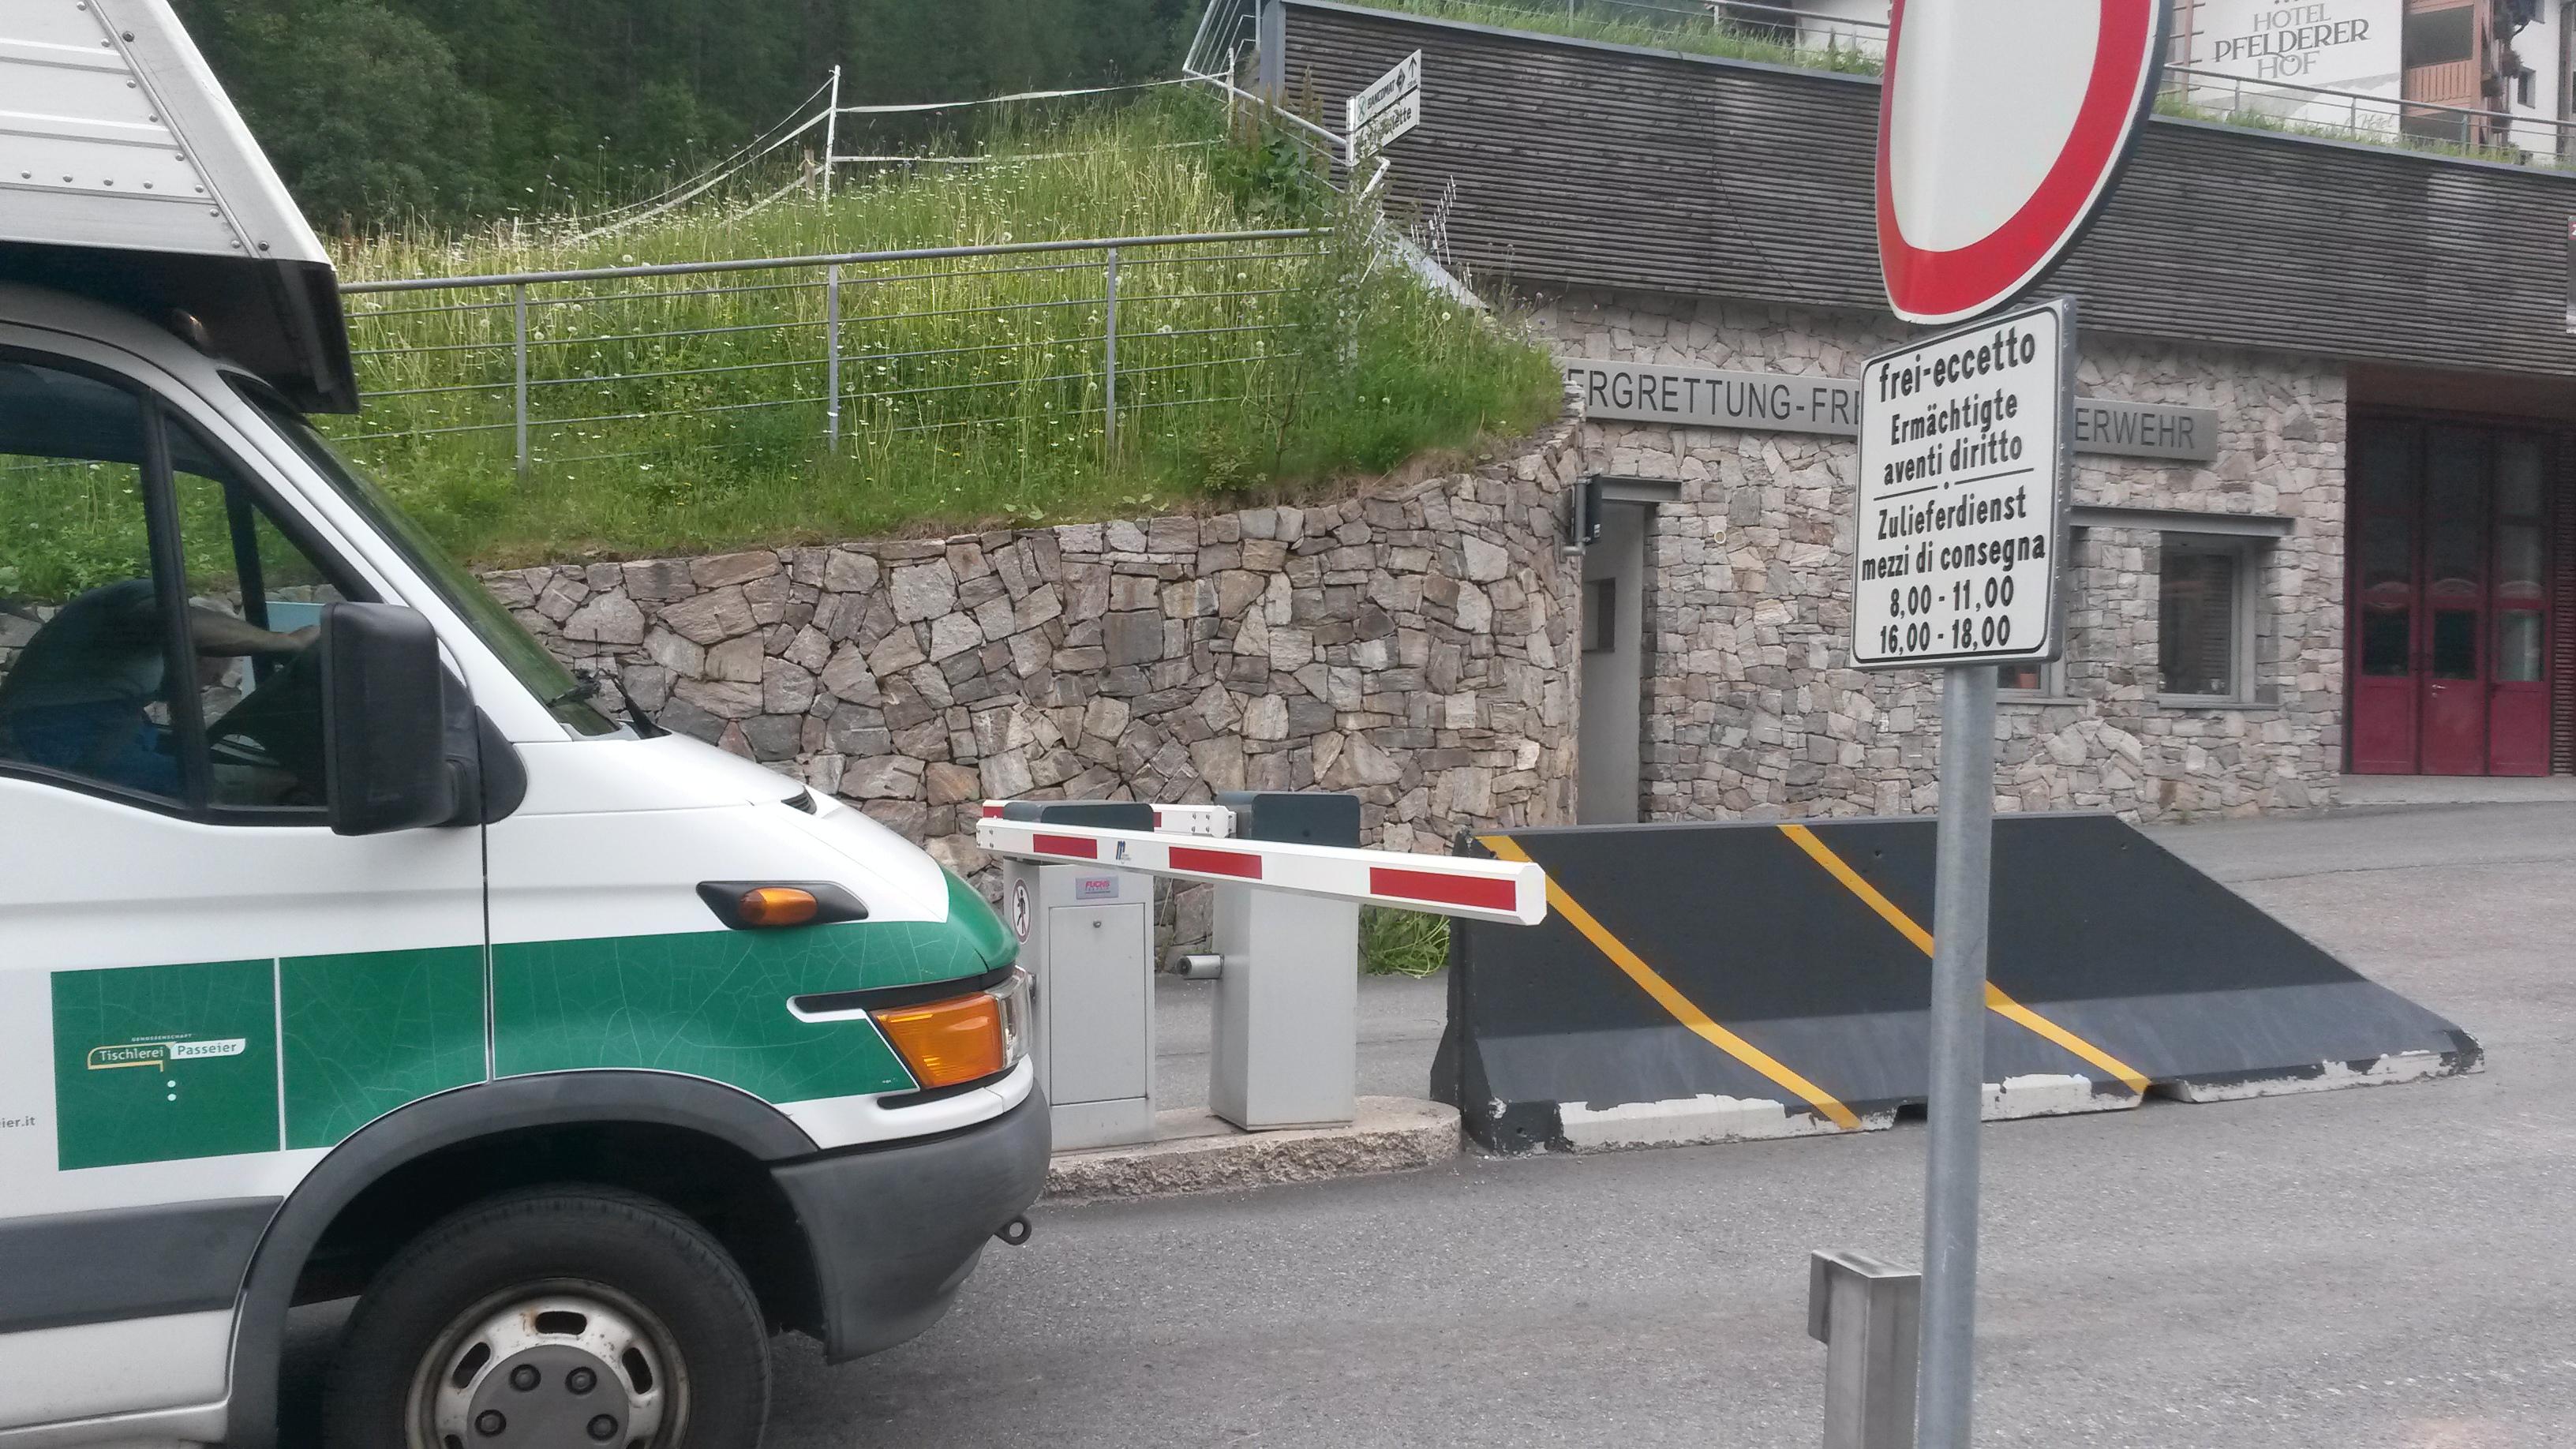 Plan in Passeiertal, carfree village